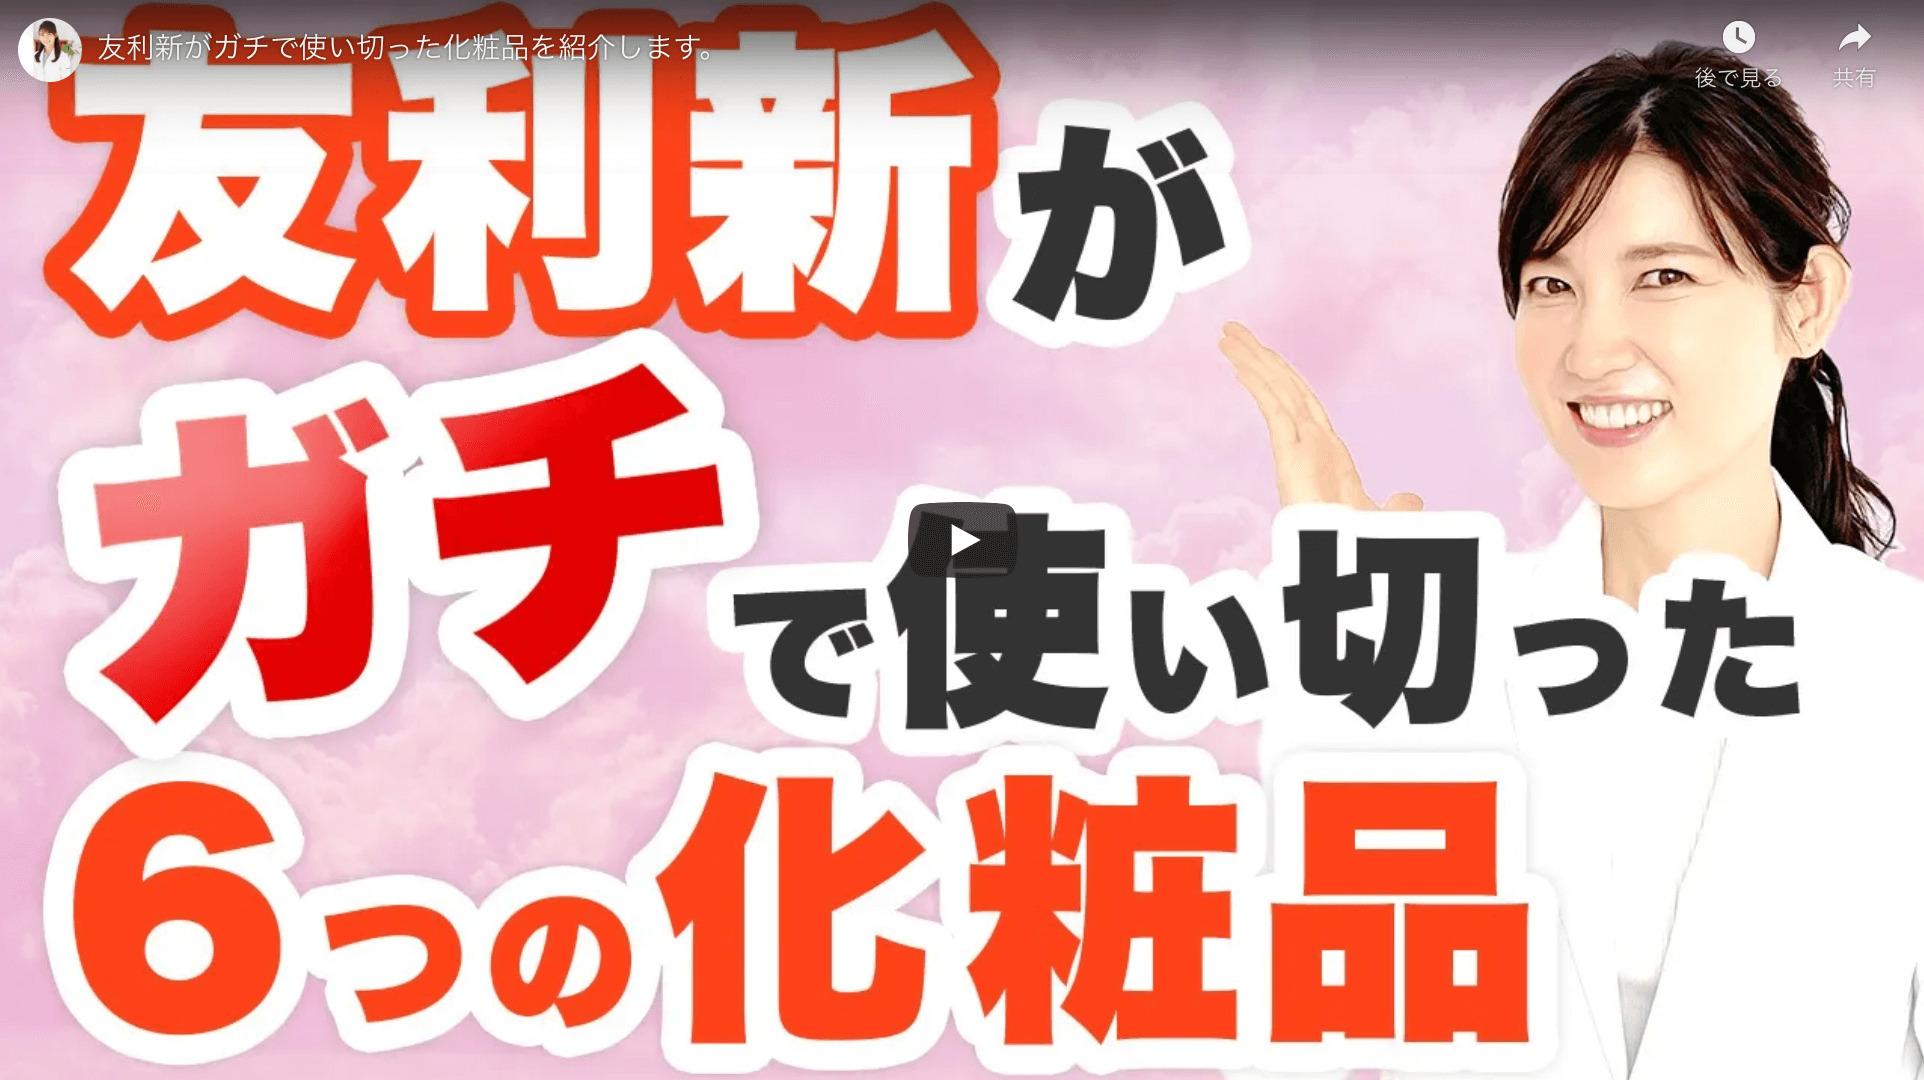 友利新さんが「ガチで使い切った化粧品」を公開